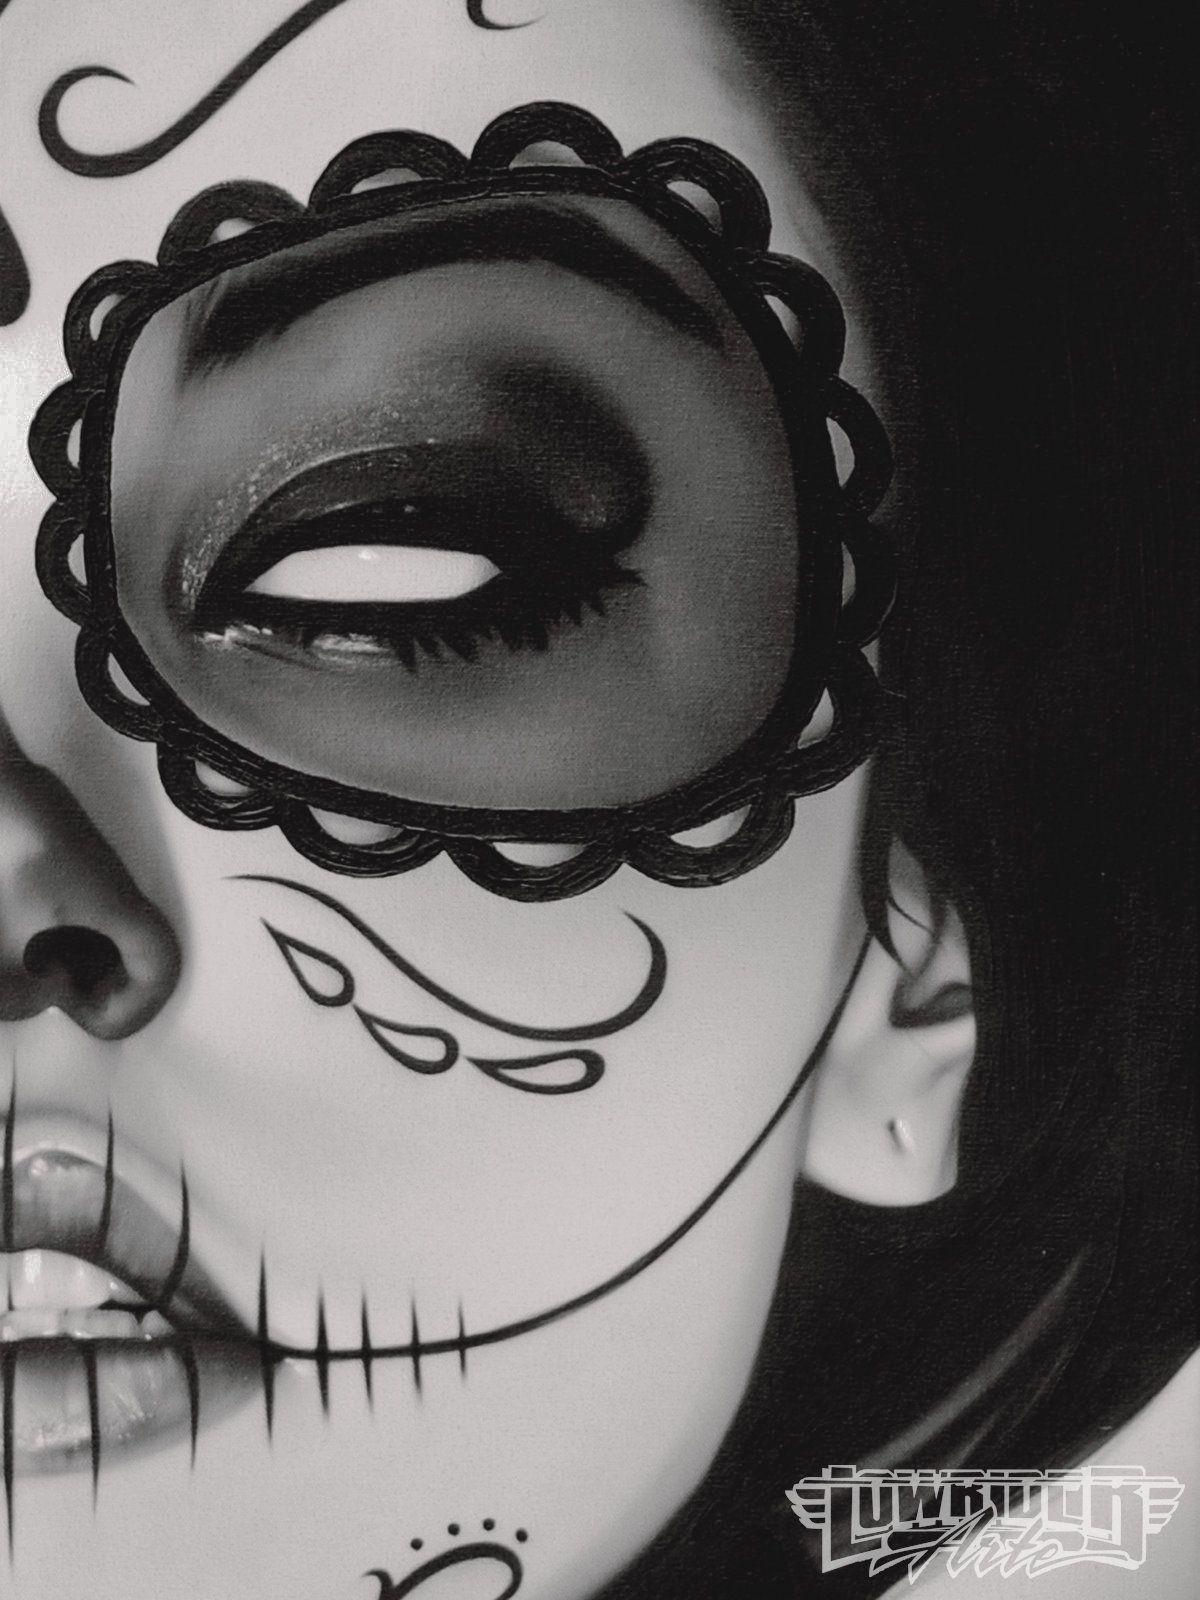 Daniel Esparza Black And White Lowrider Arte Featured